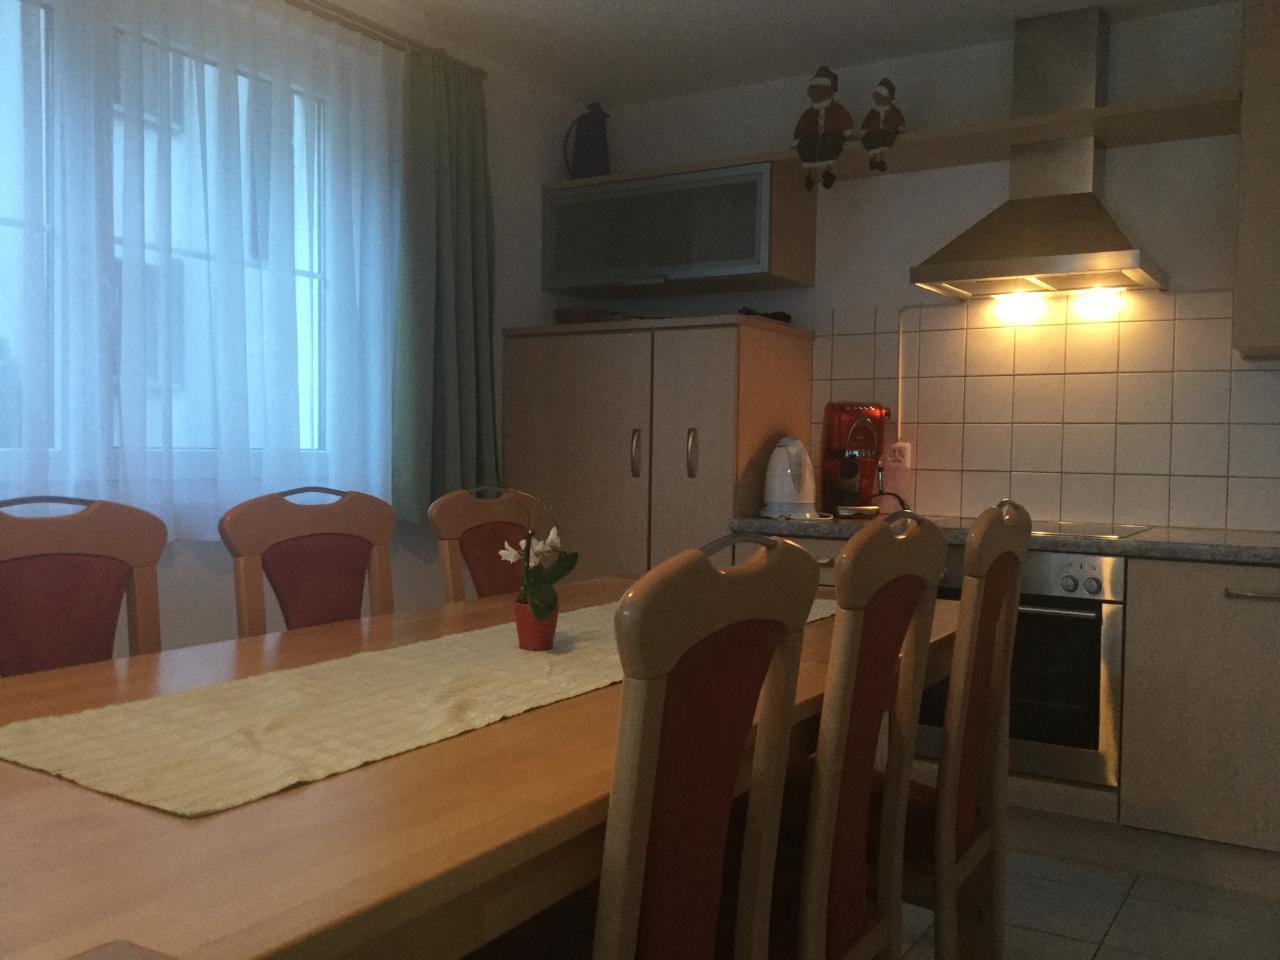 Ferienwohnung für 2 - 5 Personen mit zwei getrennten Schlafzimmern (692149), Saas Almagell, Saastal, Wallis, Schweiz, Bild 9